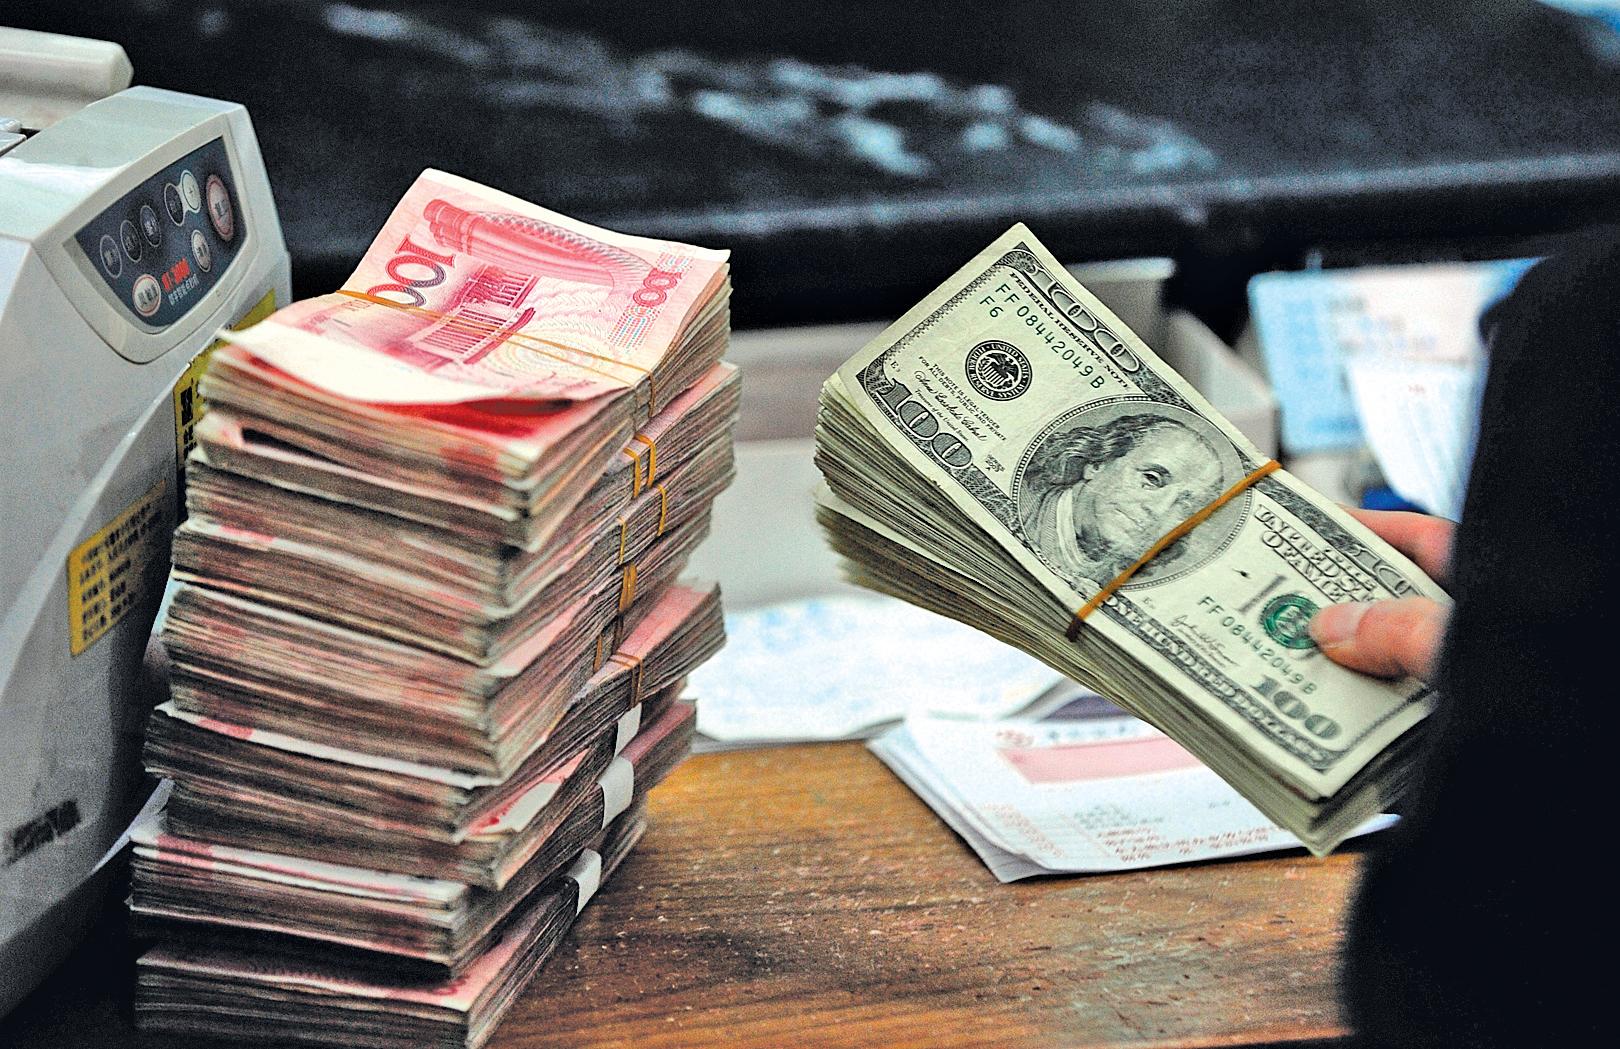 儘管中共幕後操縱人民幣匯率的事實眾所周知,但出於政治等方面的原因,1994年以來美國行政當局一直未將中國列入貨幣操縱國,直到今年8月5日。(AFP)